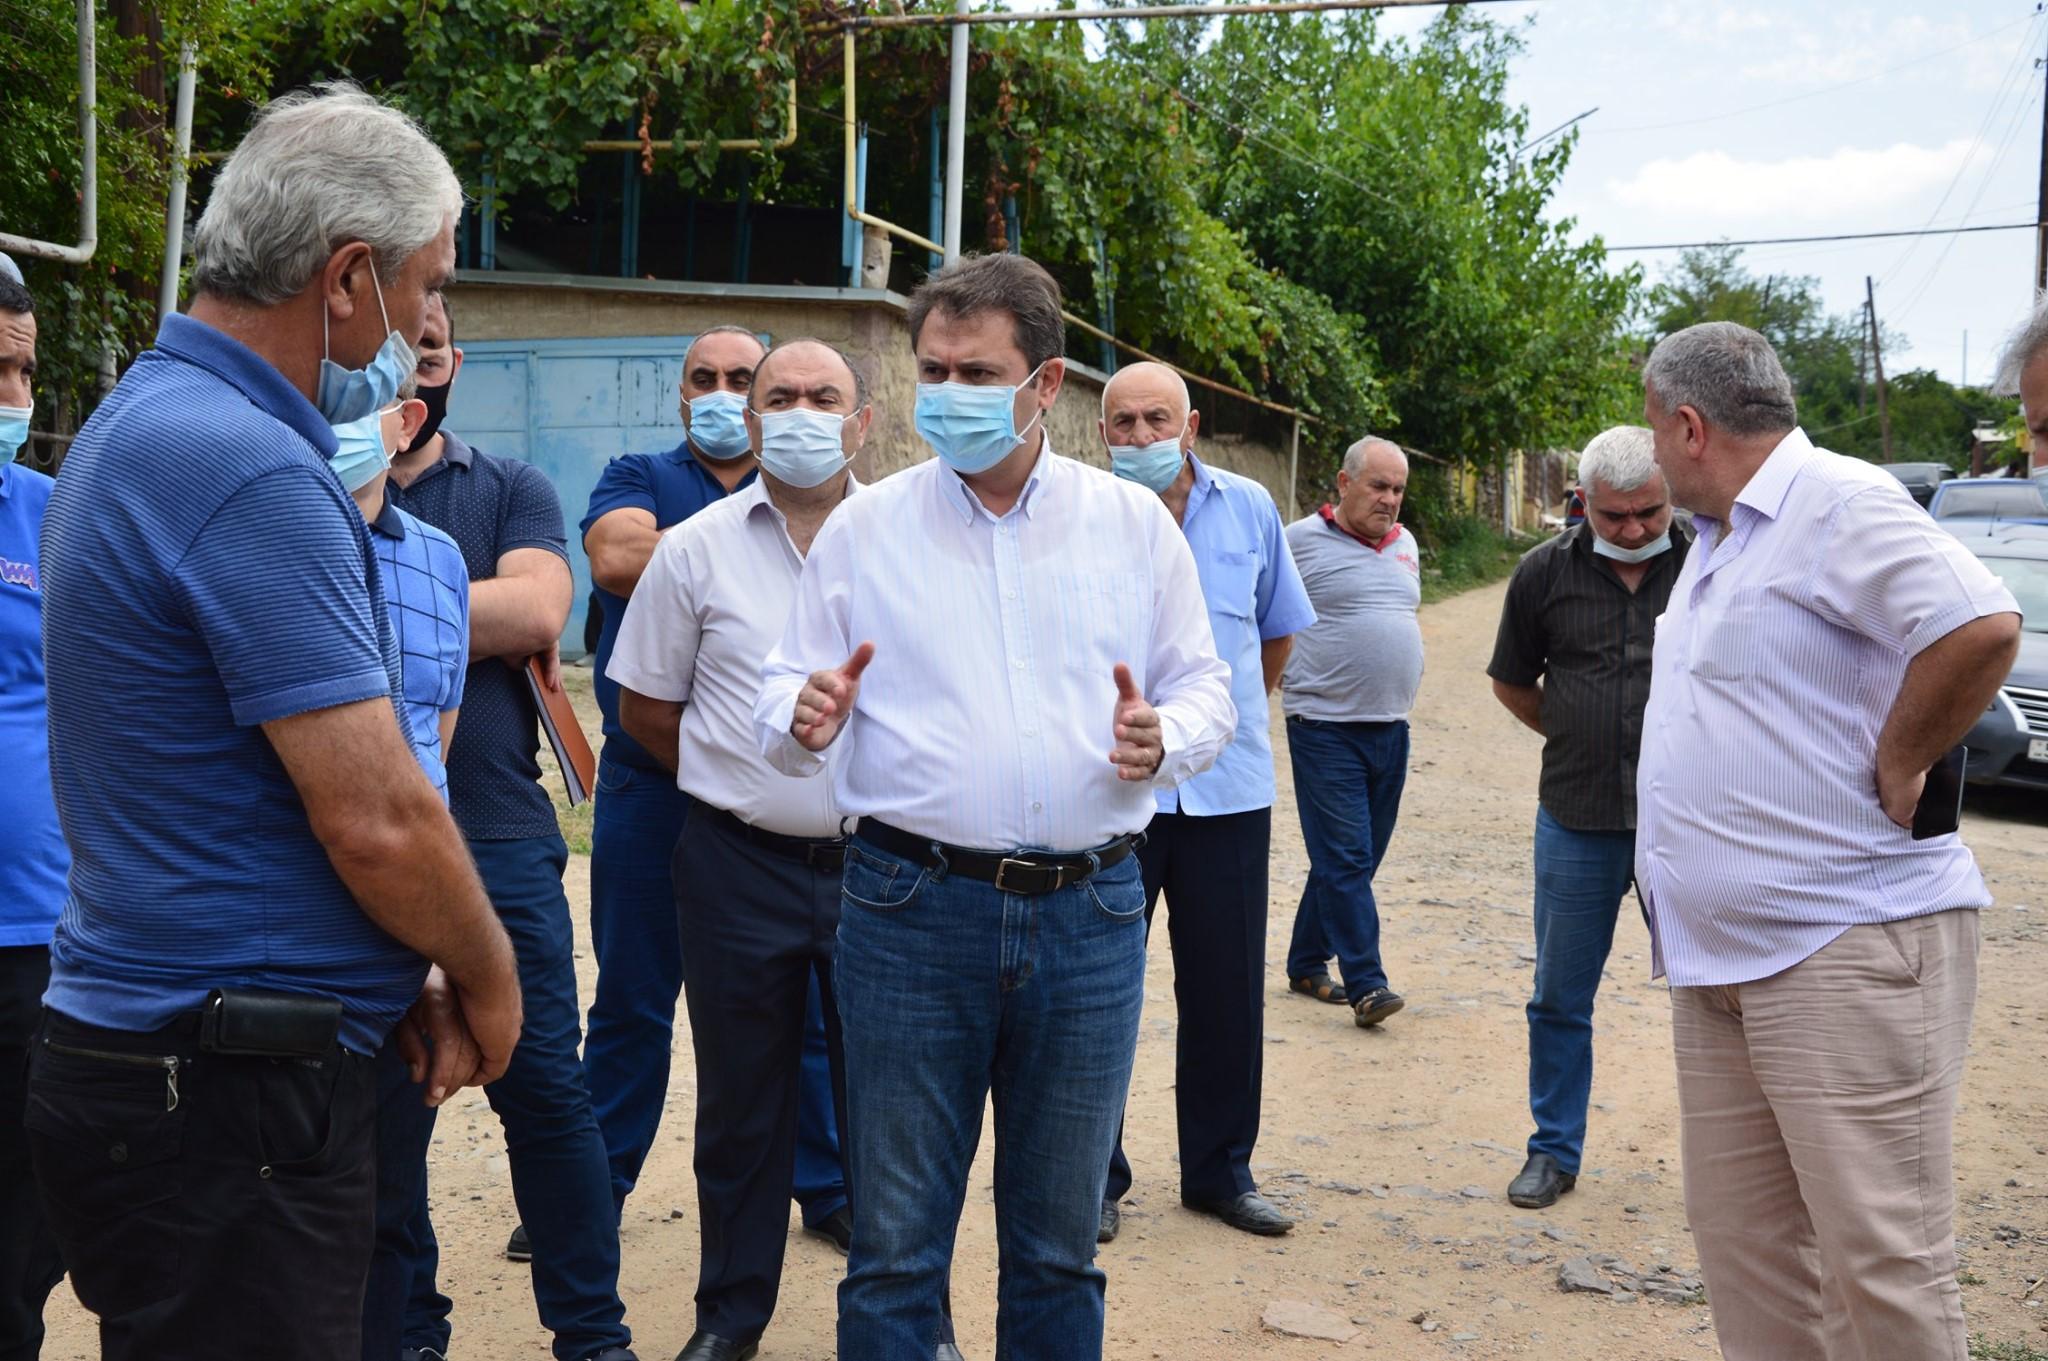 Photo of Հակառակորդի հրետակոծությունից ամենից շատ տուժած գյուղում շարունակվում են վնասված տների վերանորոգման աշխատանքները